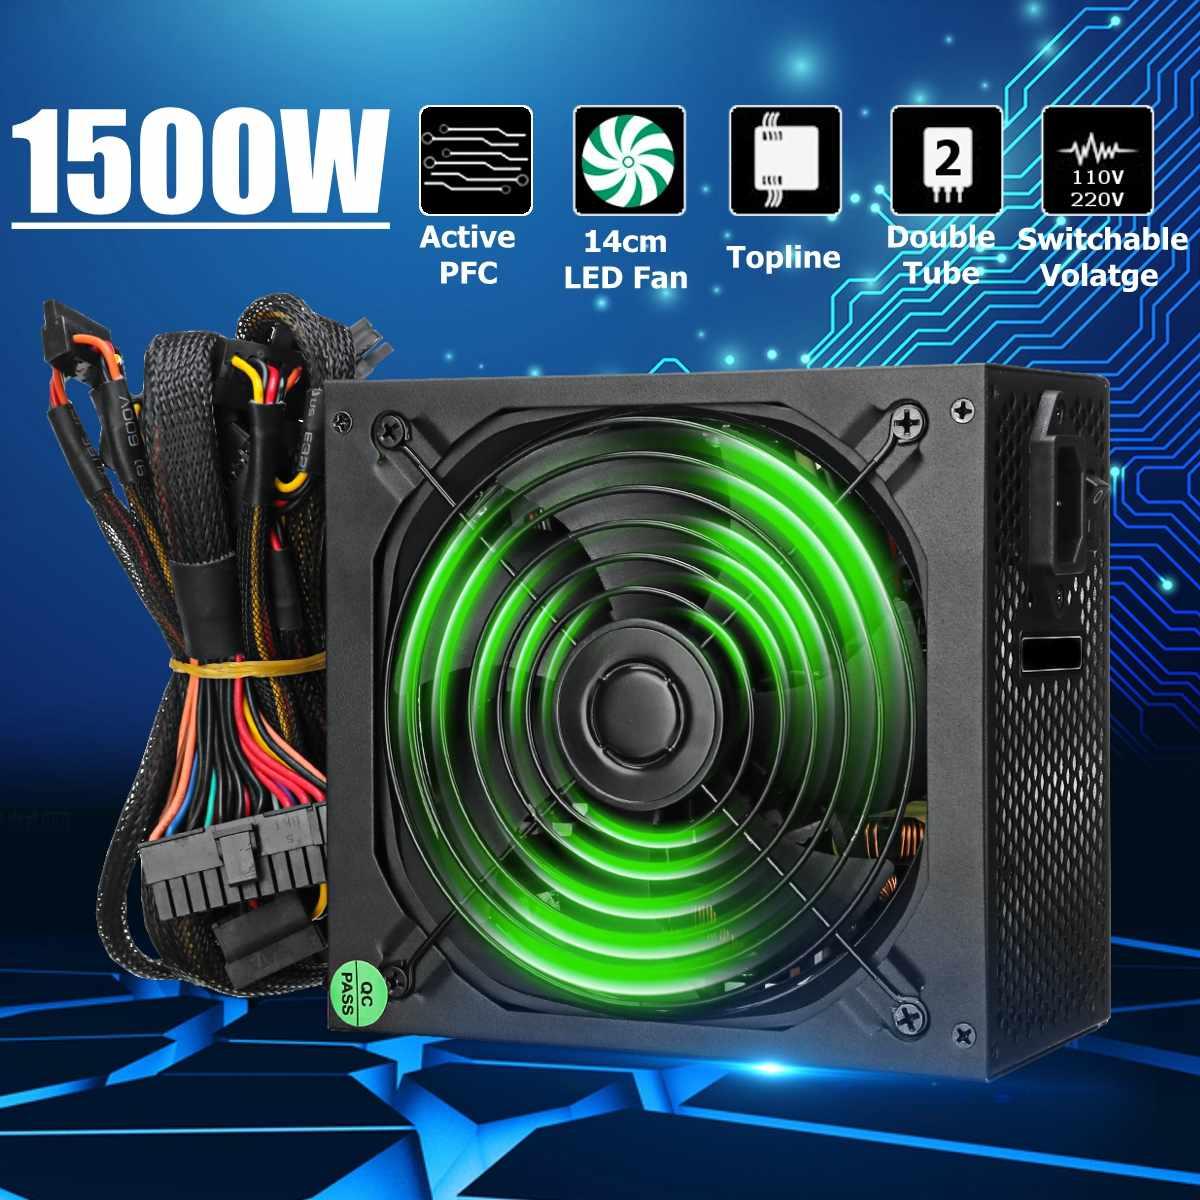 Max 1500W fonte de Alimentação 140 milímetros Fã LED 24 Pin PCI SATA 12V PC Computador ATX fonte de Alimentação apoio AMD Win7 sistema